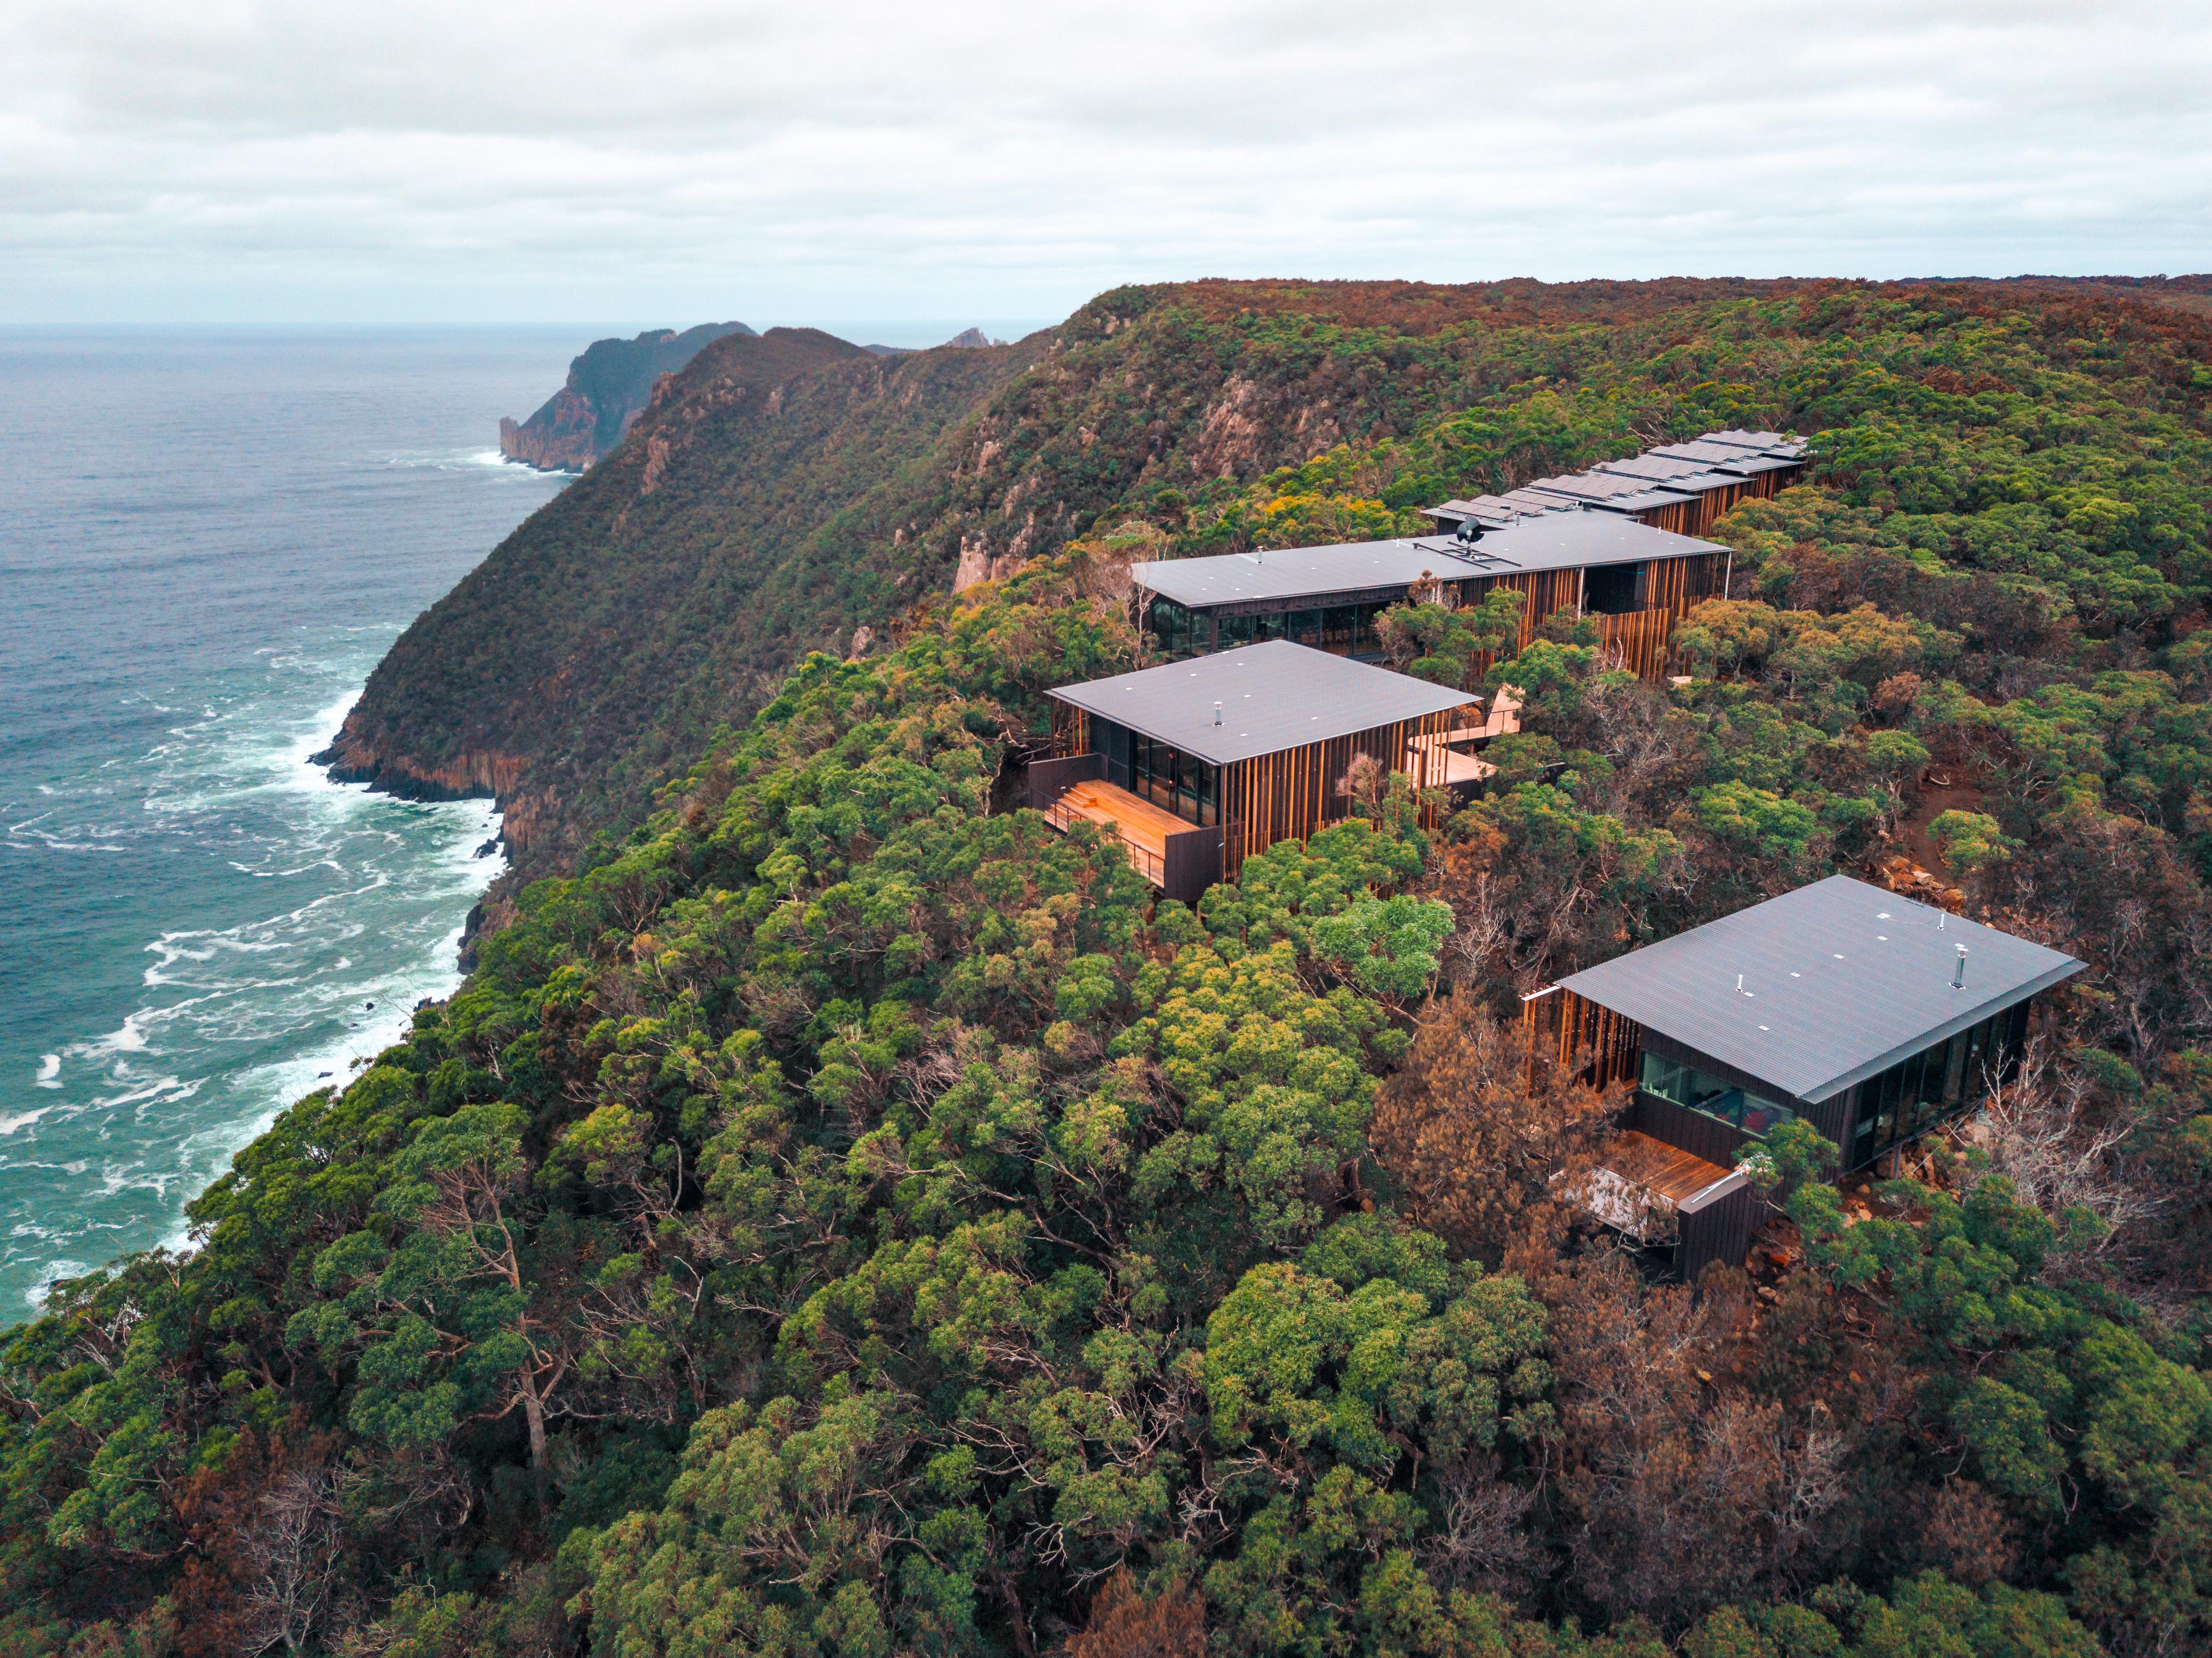 Cape Pillar Lodge